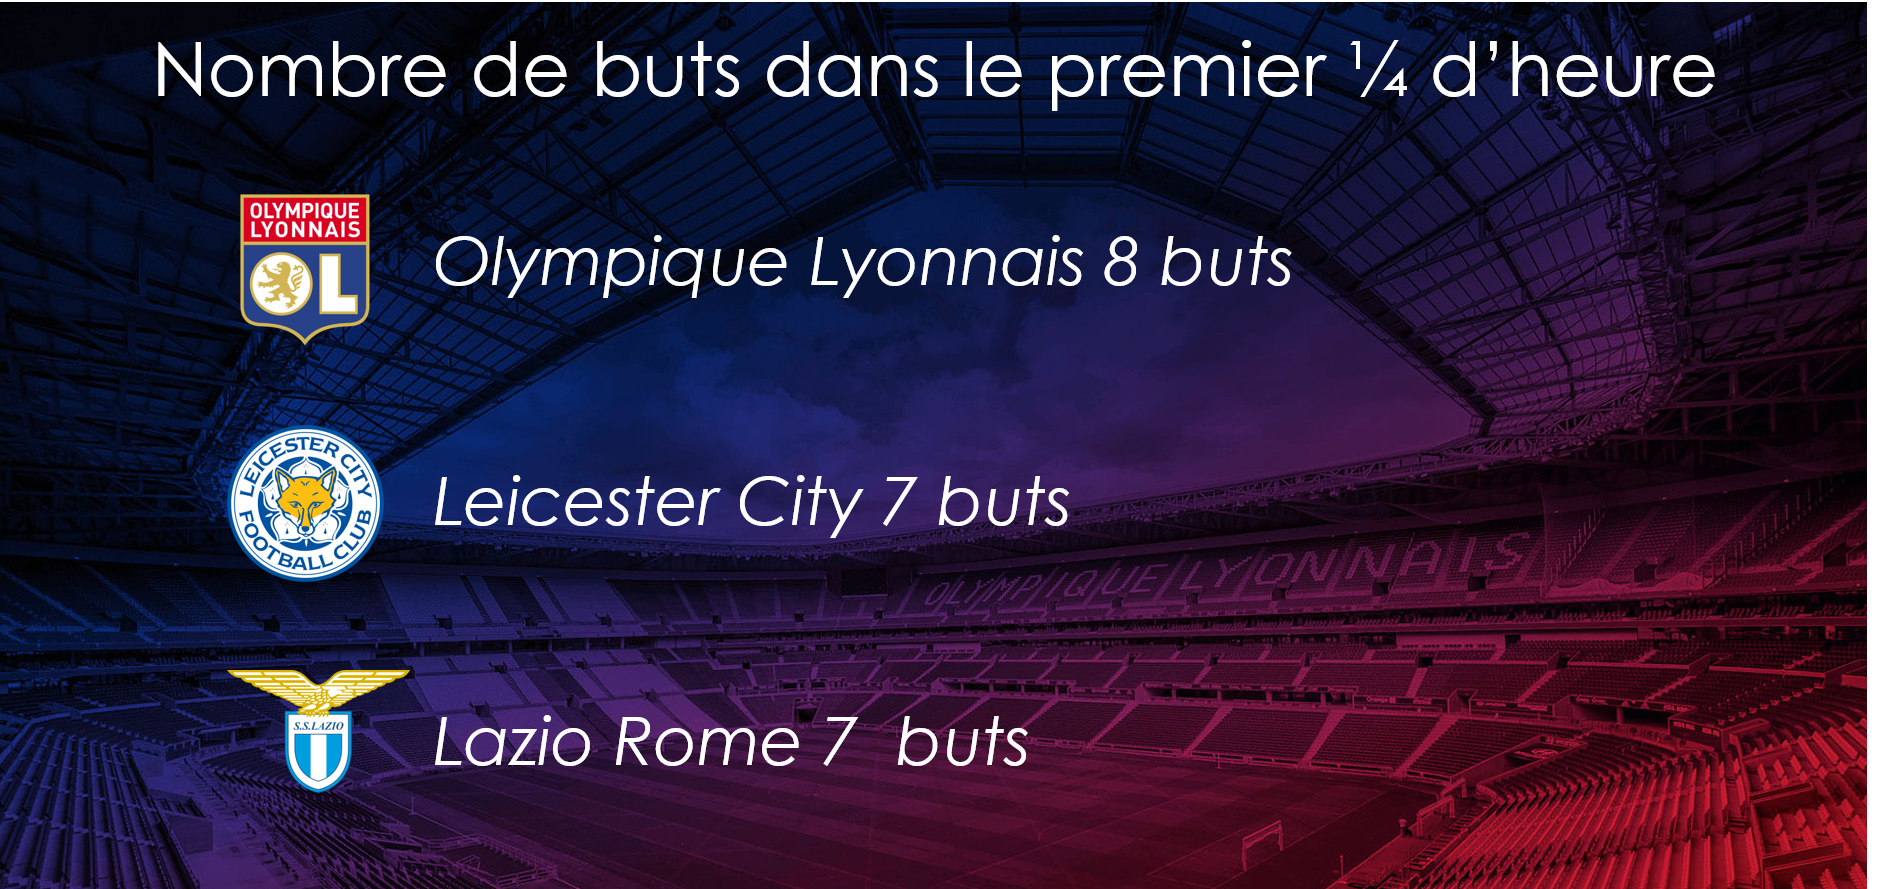 Top des clubs qui marquent le plus dans le premier quart d'heure.